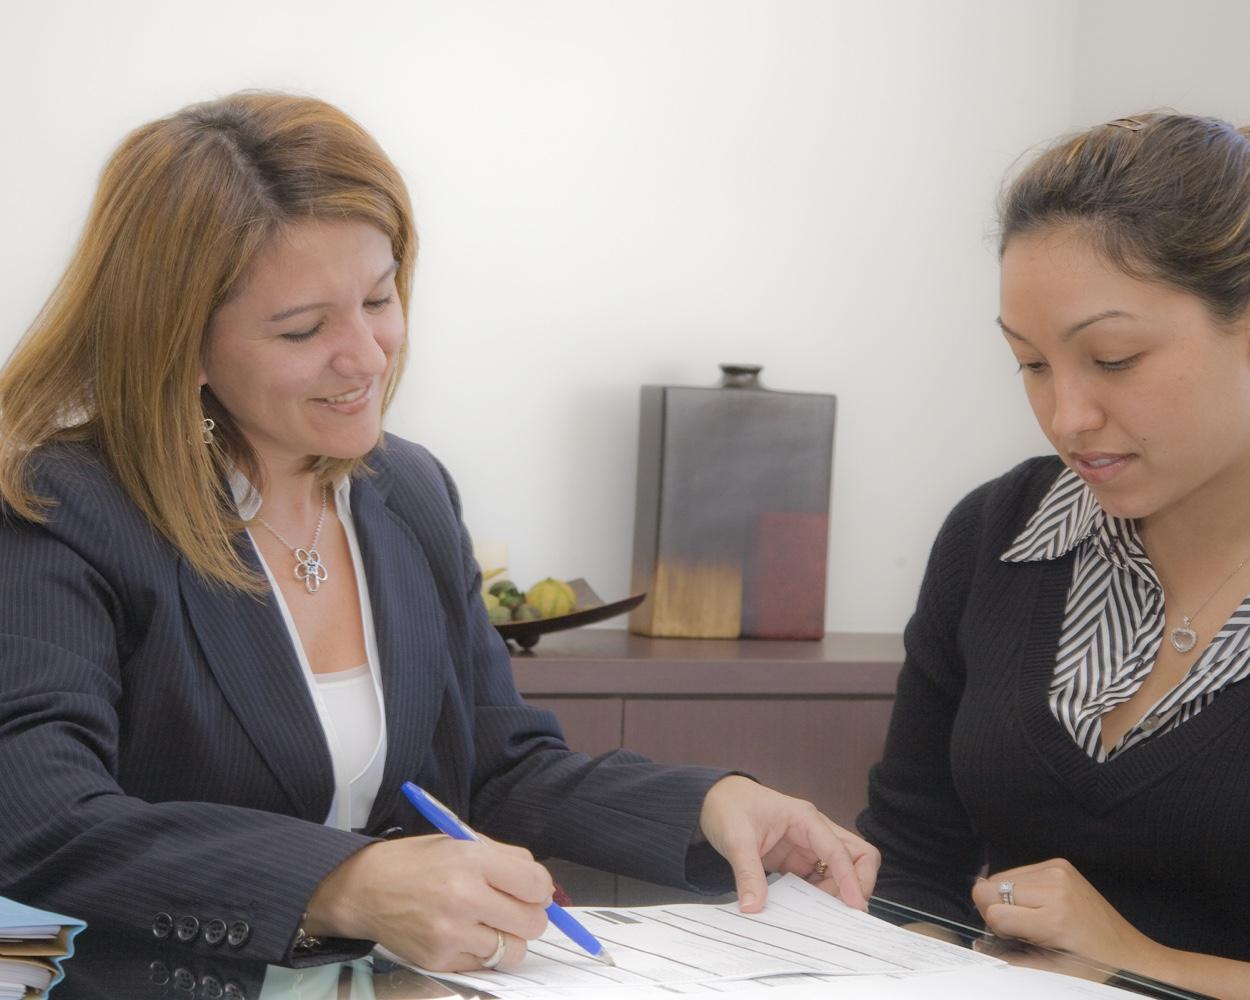 condominium lawyer miami